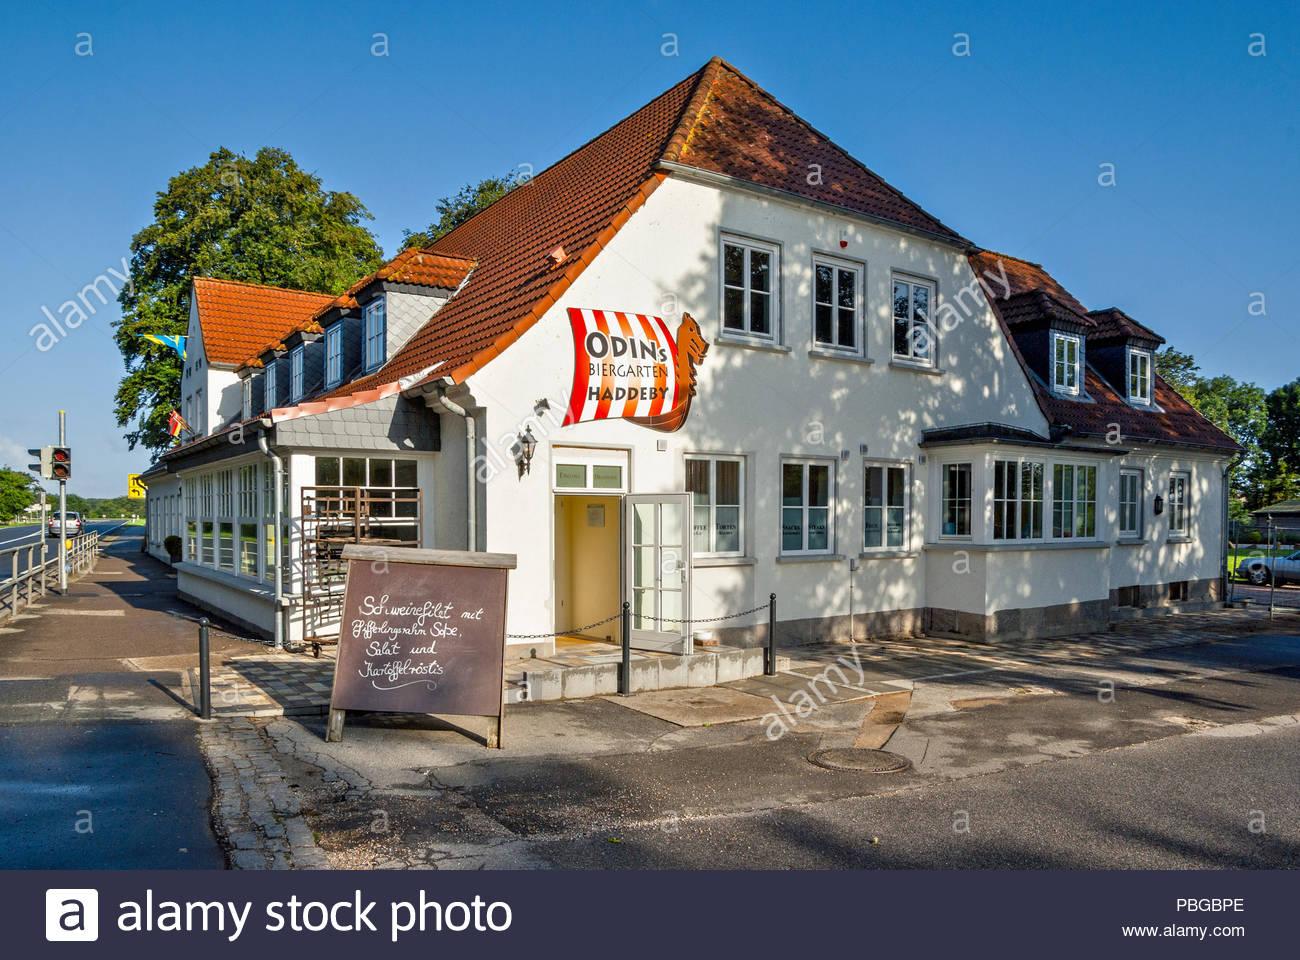 ODINs Historisches Gasthaus Haddeby serviert eine ausgezeichnete ...